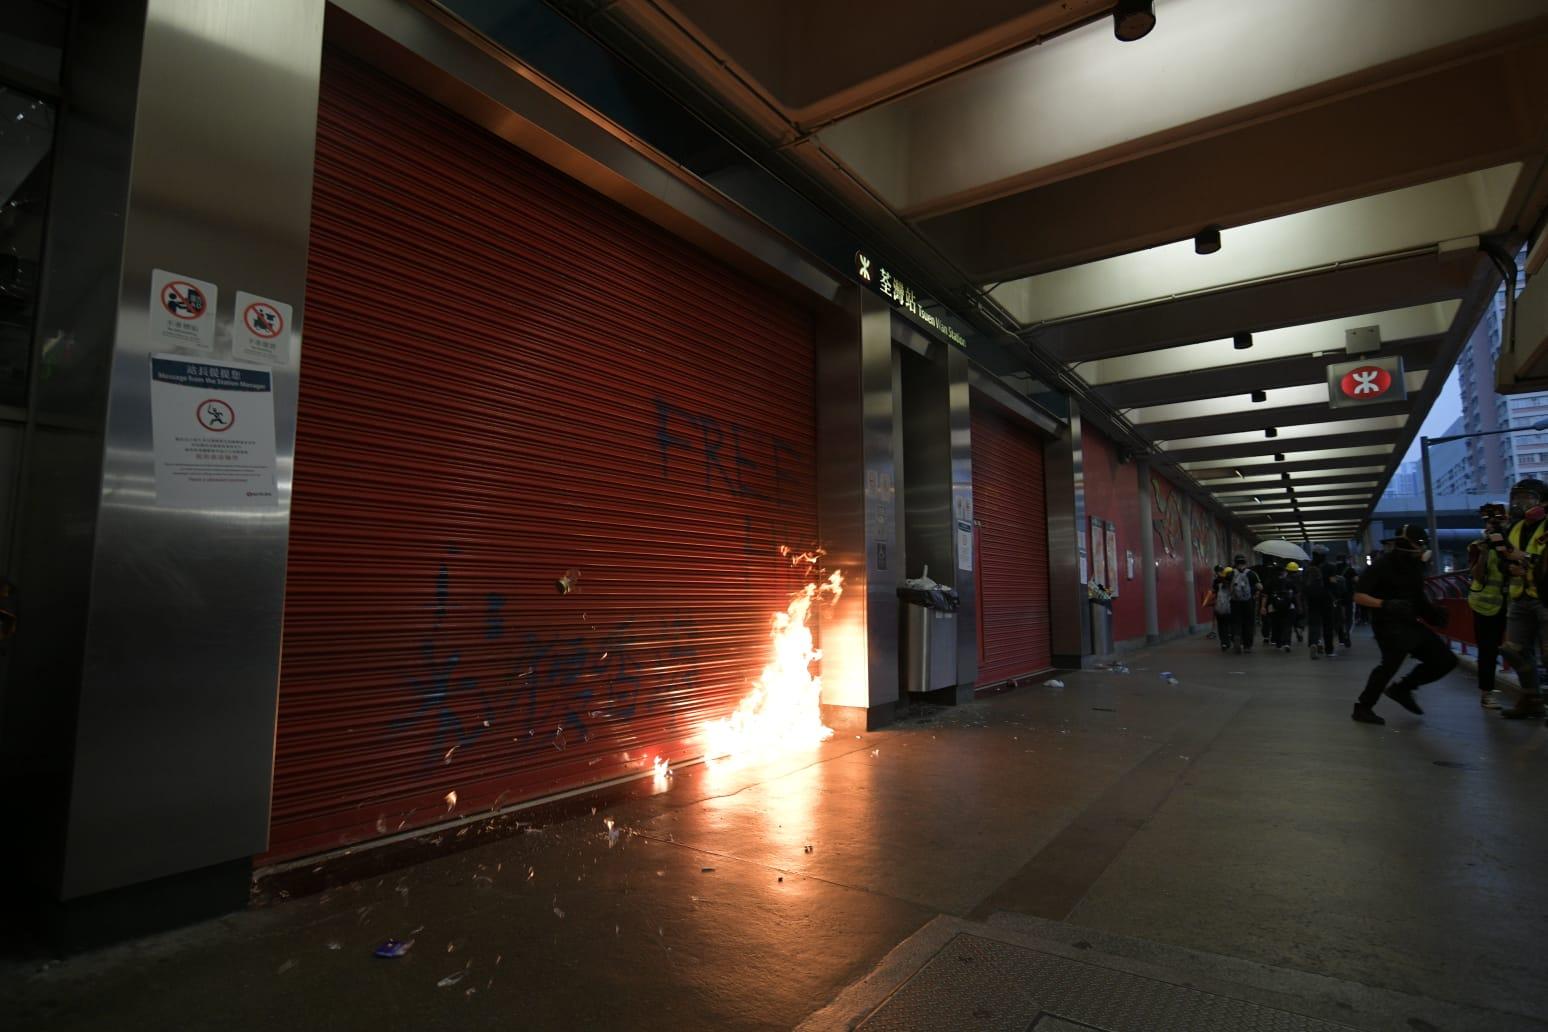 荃灣站被示威者投擲汽油彈。